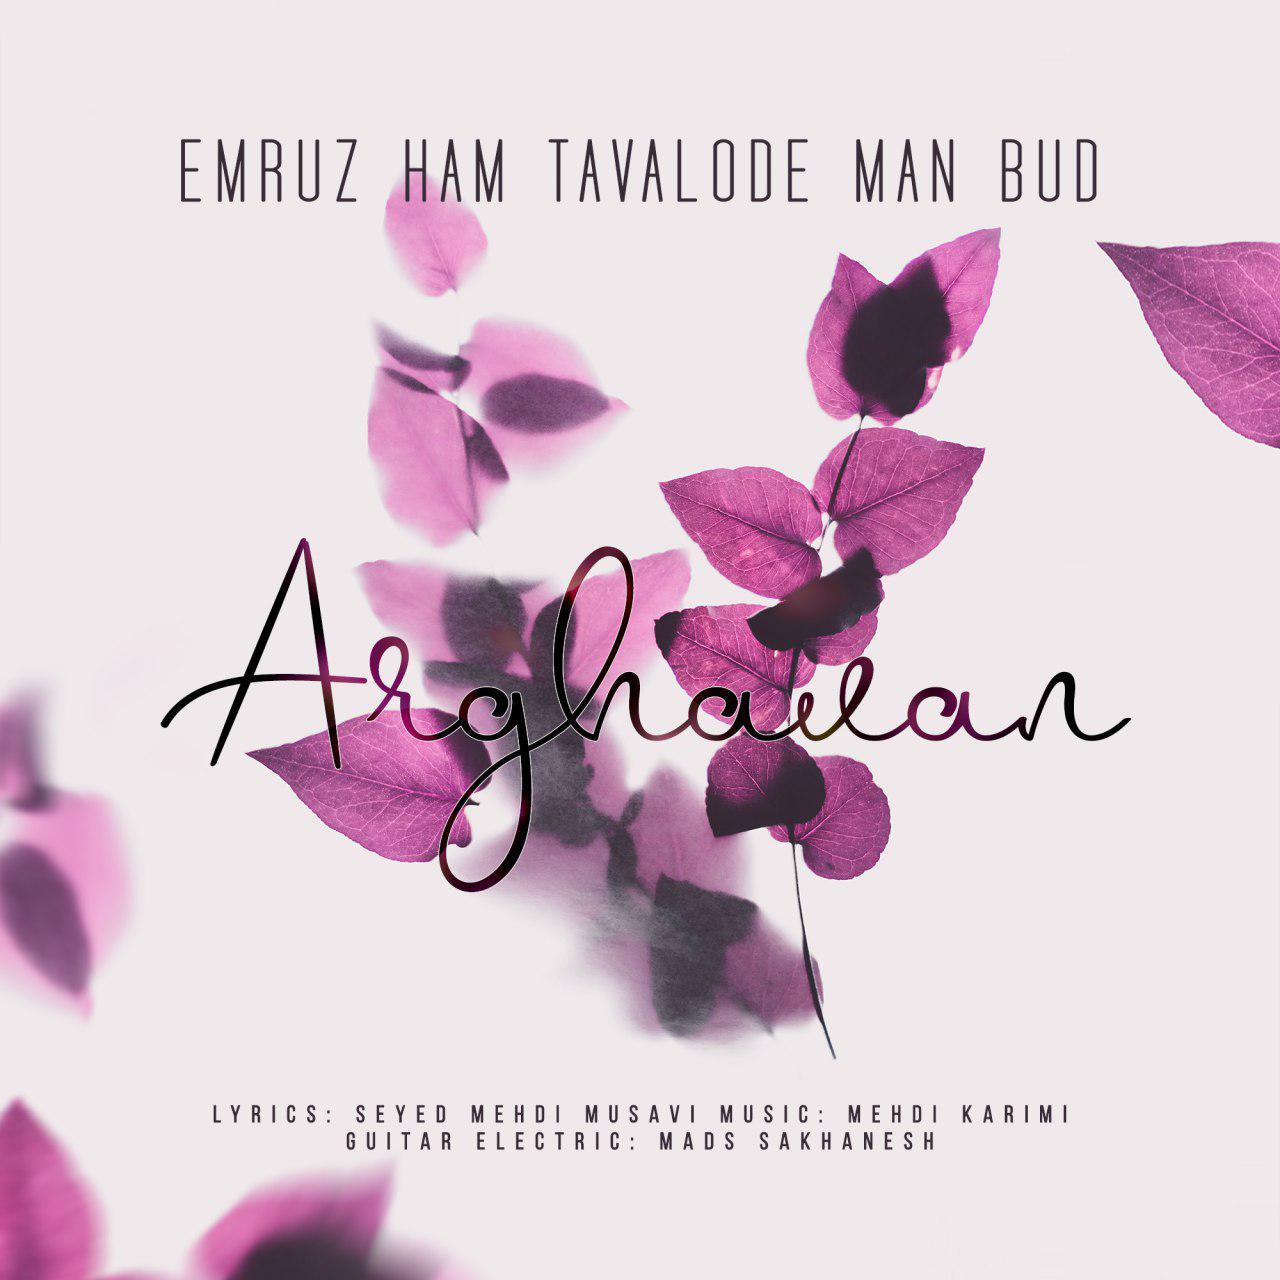 Arghavan – Emruz ham tavalode man bud